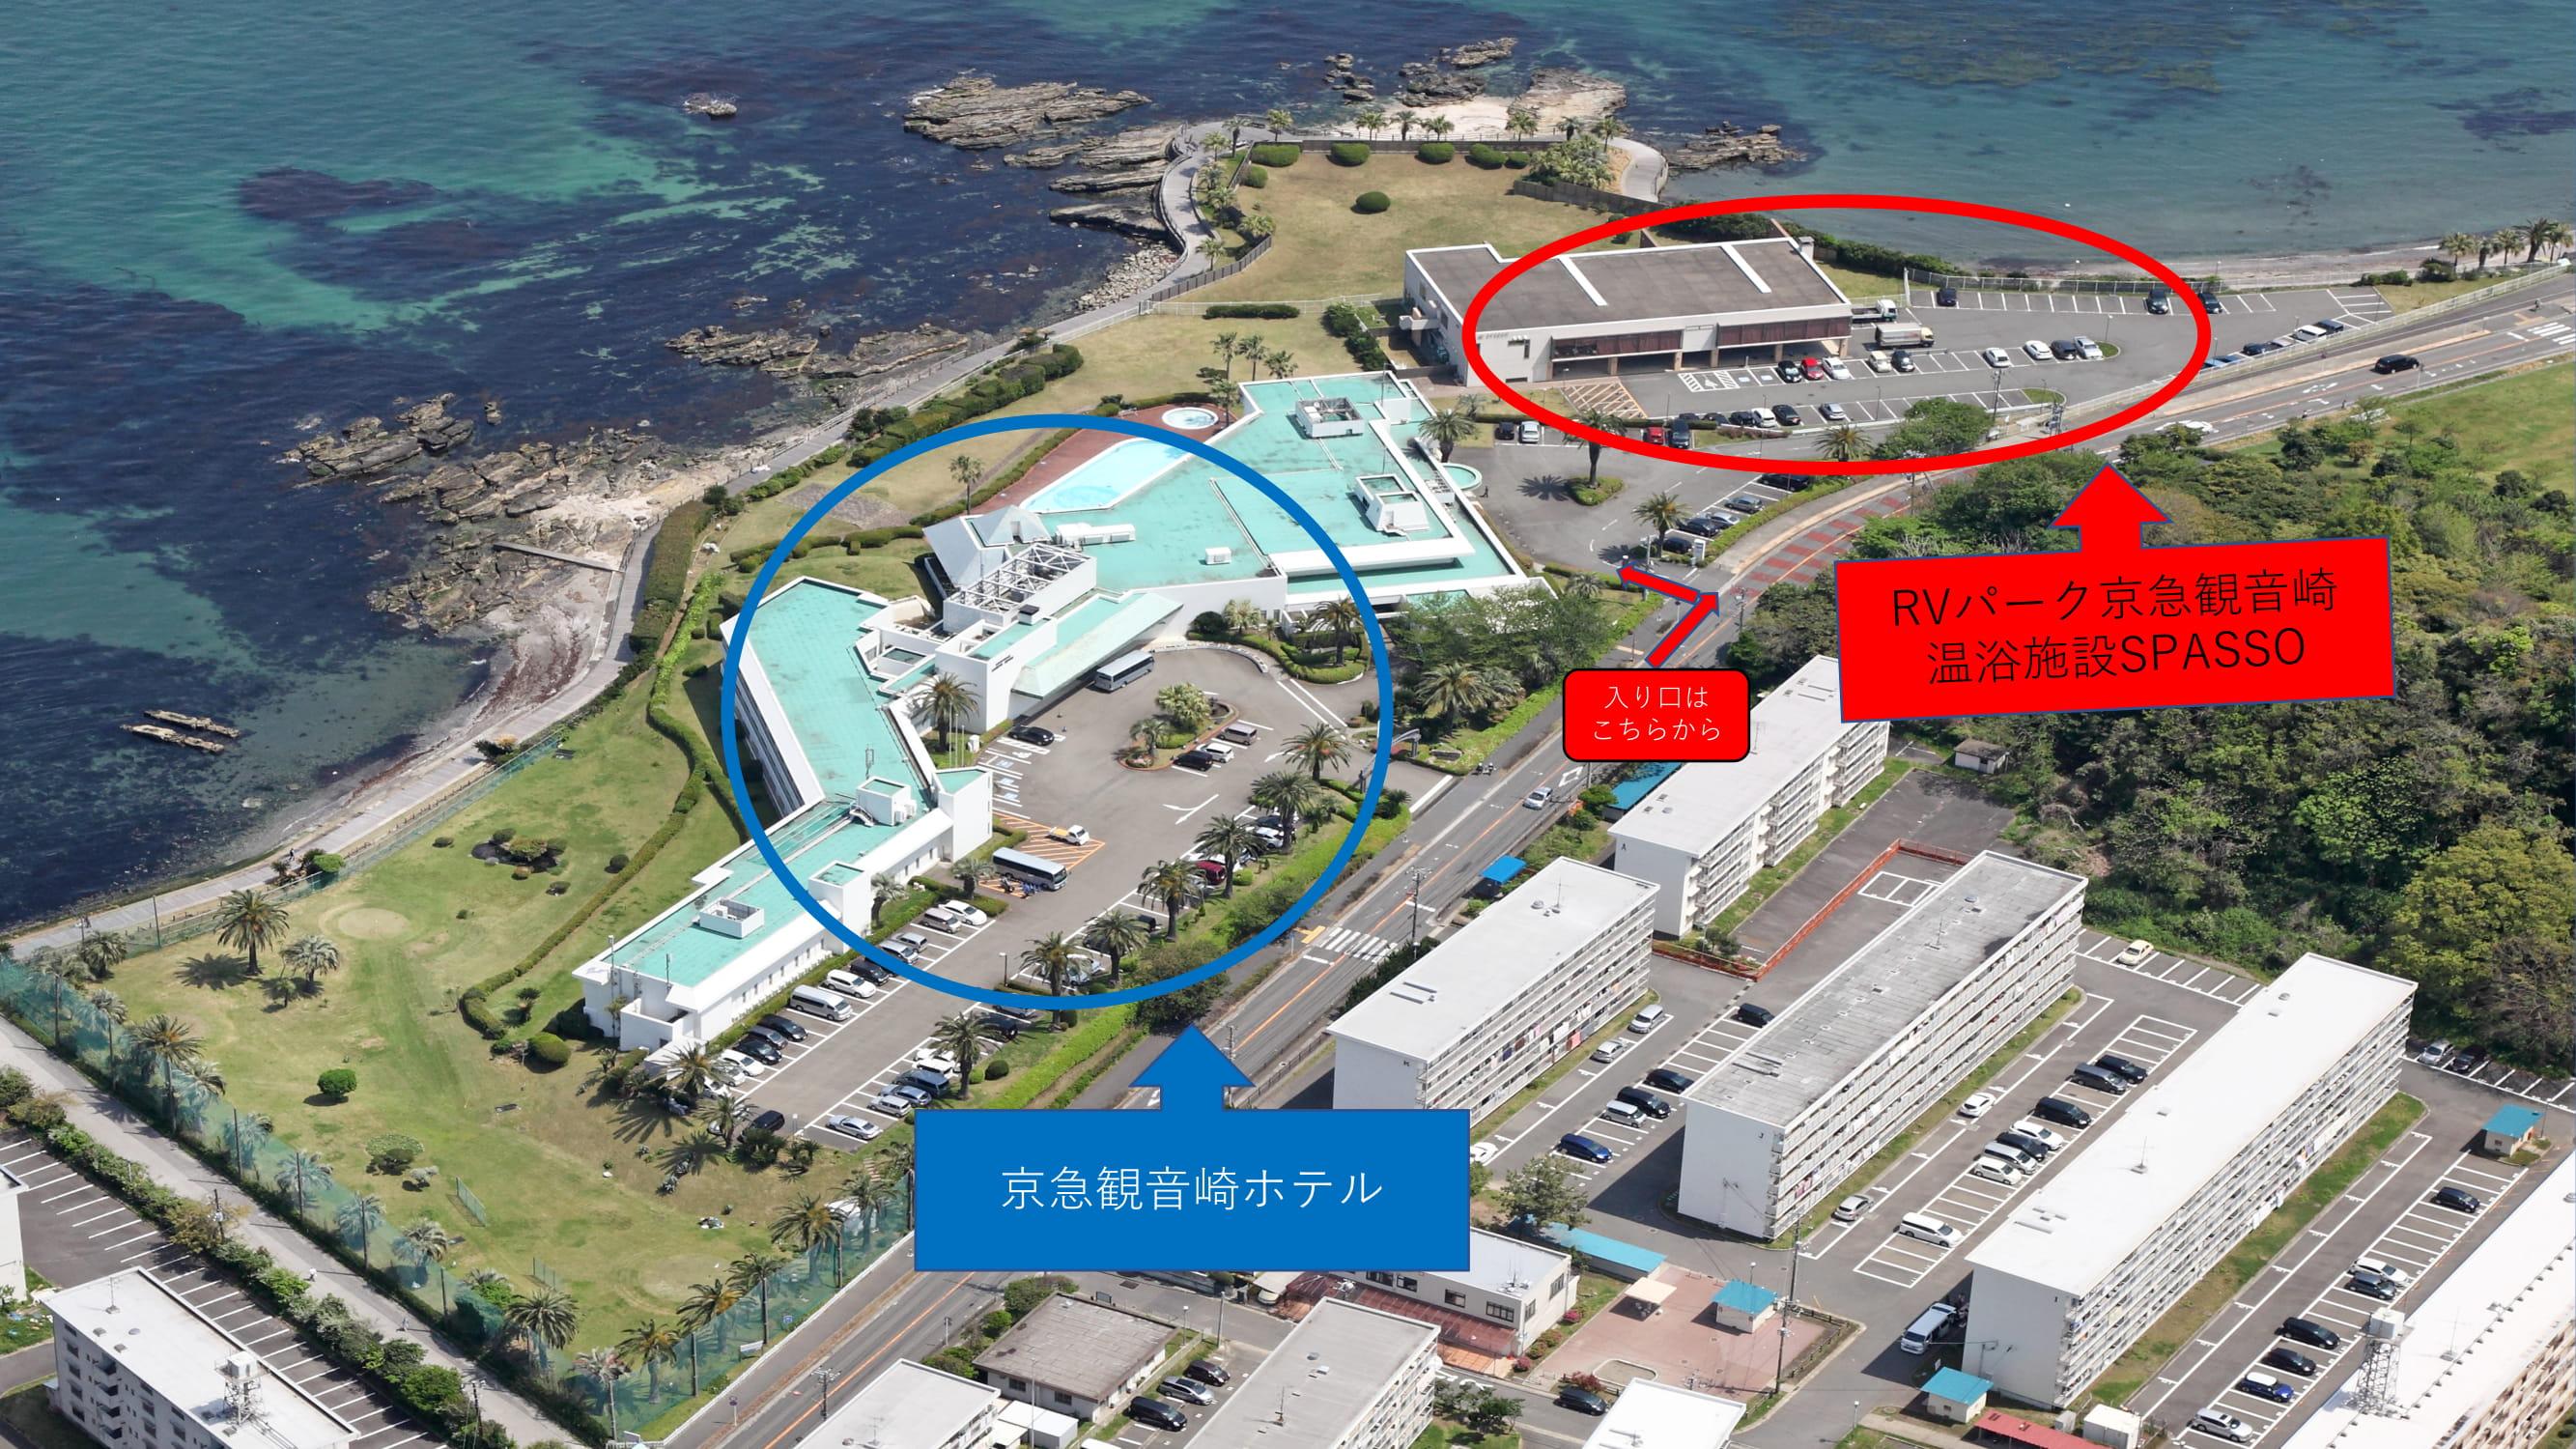 入り口は京急観音崎ホテルの方ではなく、赤い矢印の温浴施設の方です。